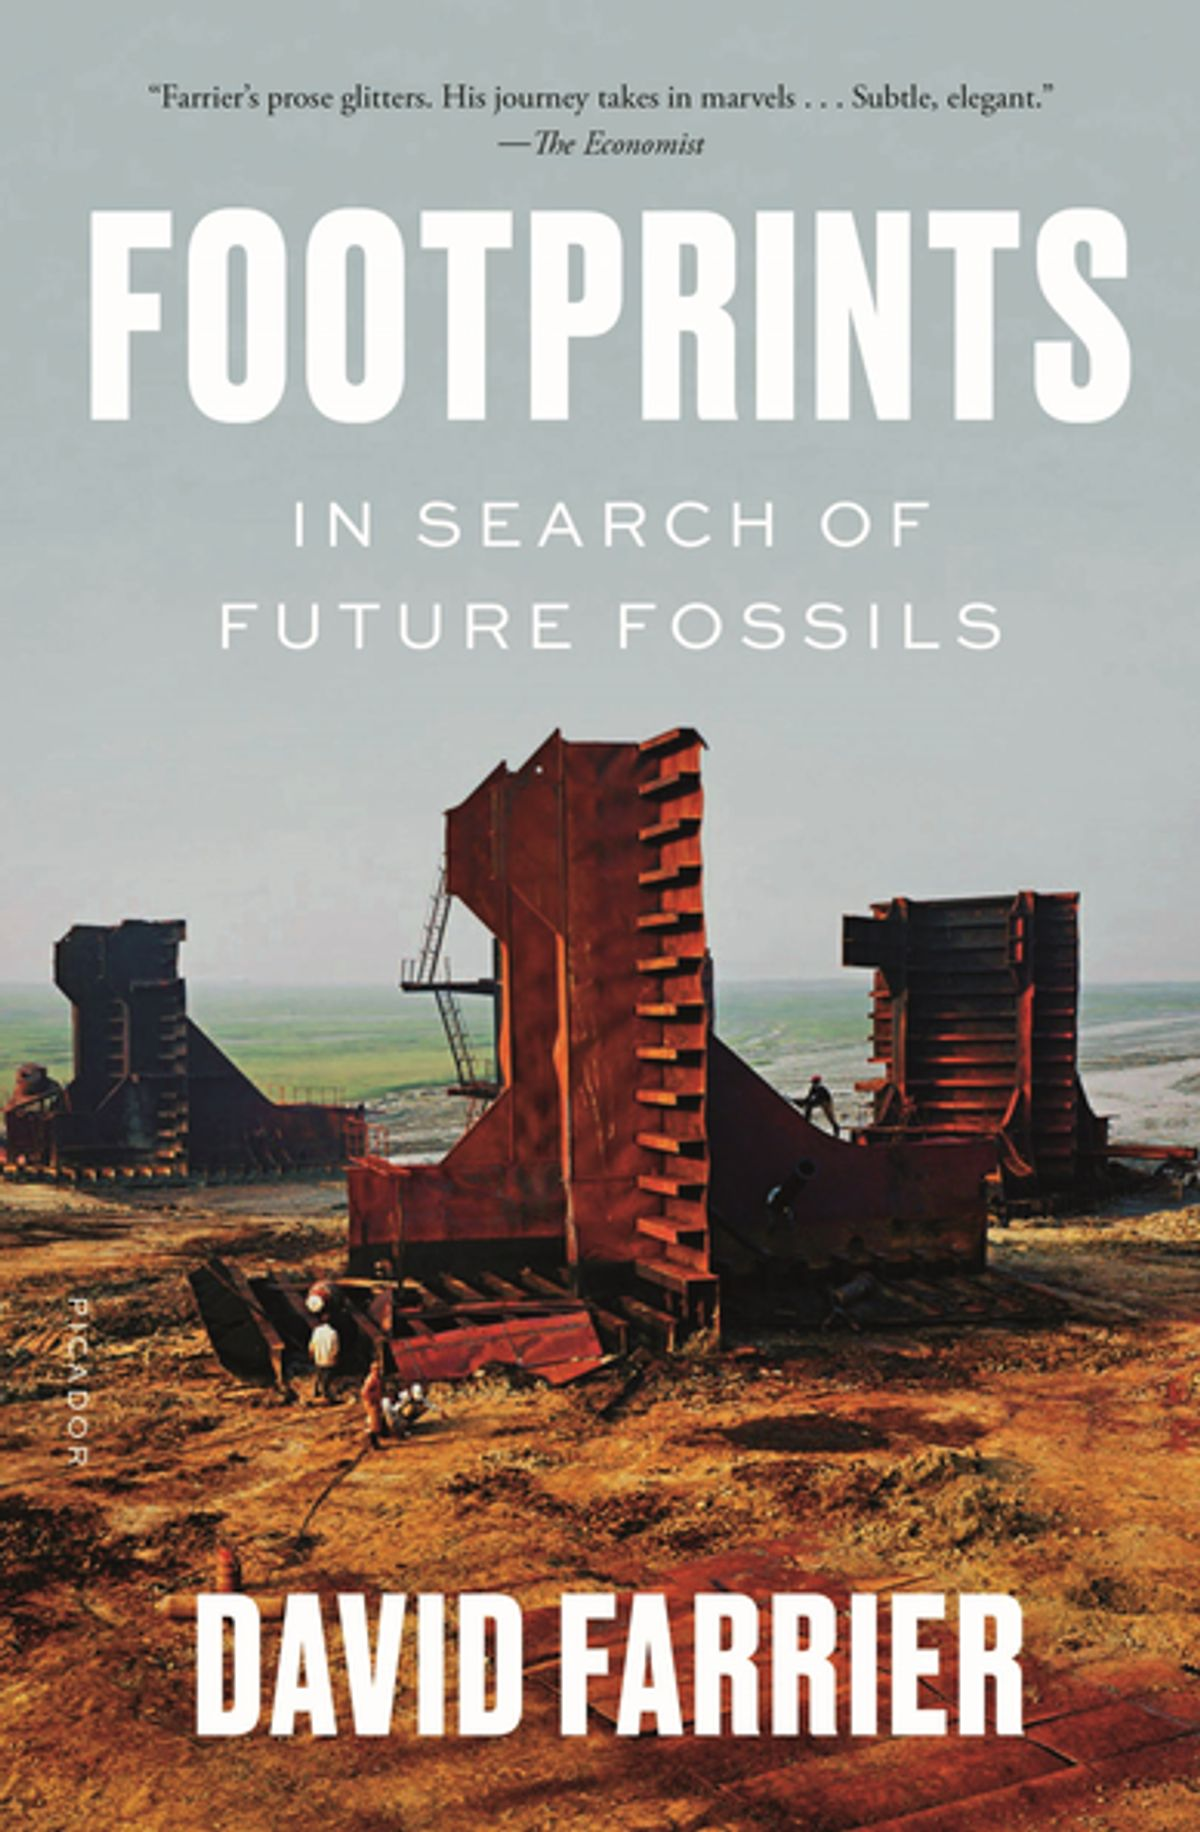 footprints-137.jpg